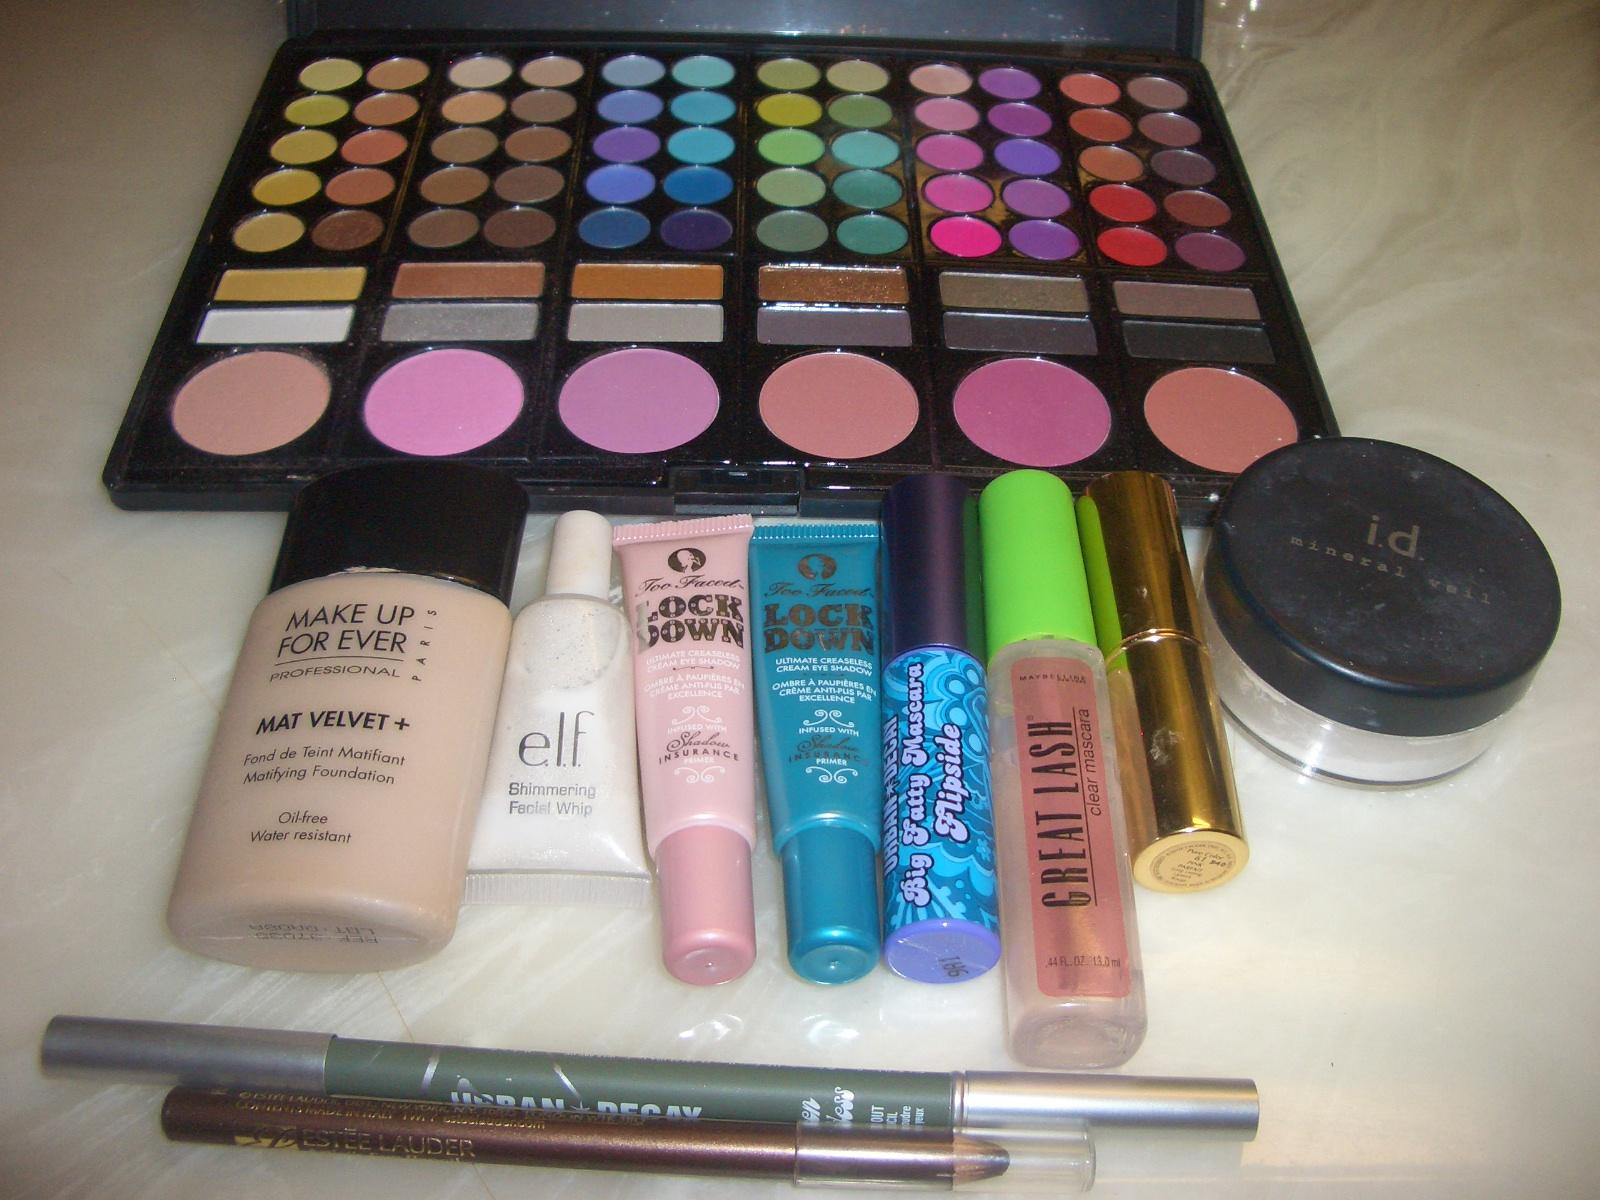 maybelline makeup set. maybelline makeup set